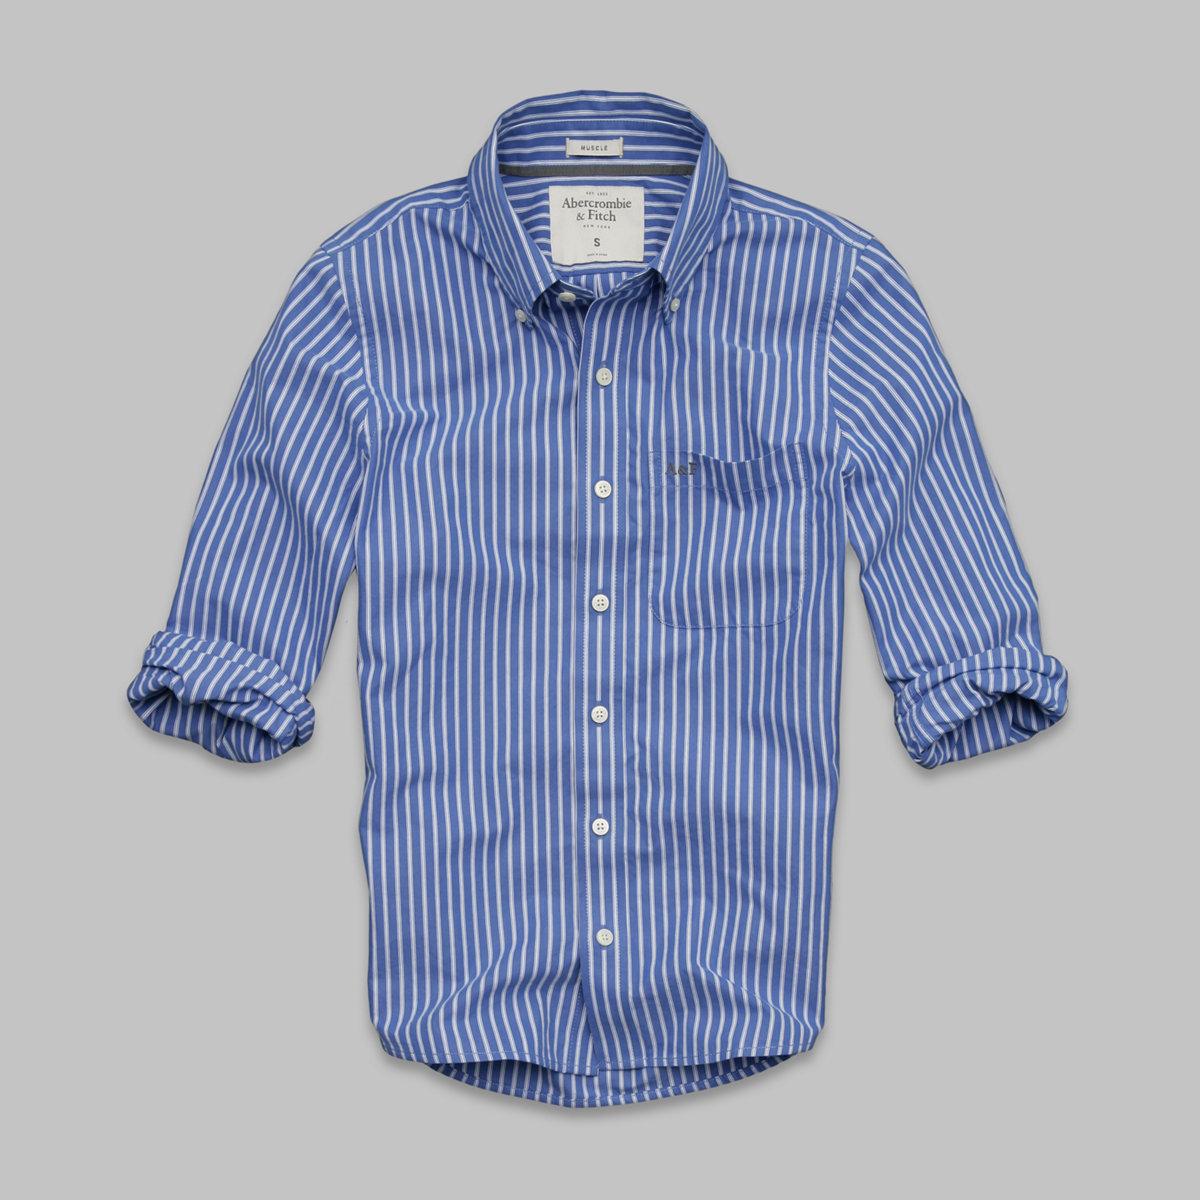 Jay Range Shirt